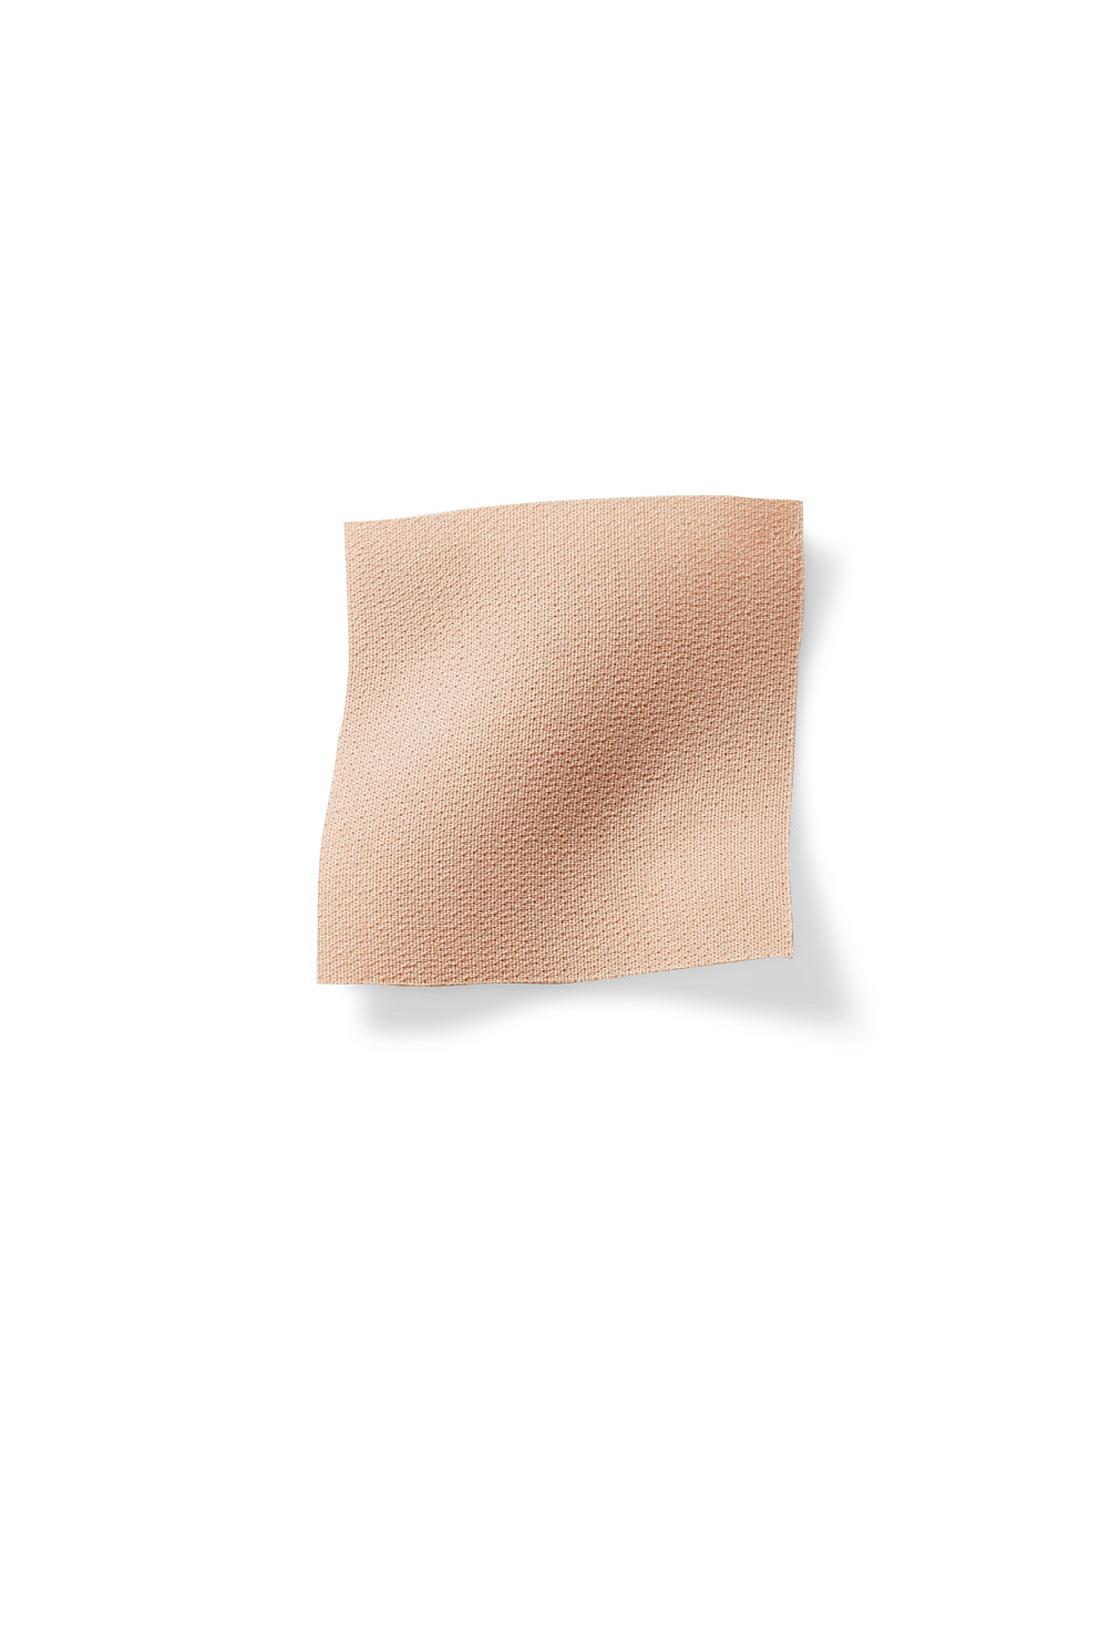 トレンドのダブルクロス素材はほどよい厚みと落ち感が上品な印象。透けにくく、しわになりにくいのも◎